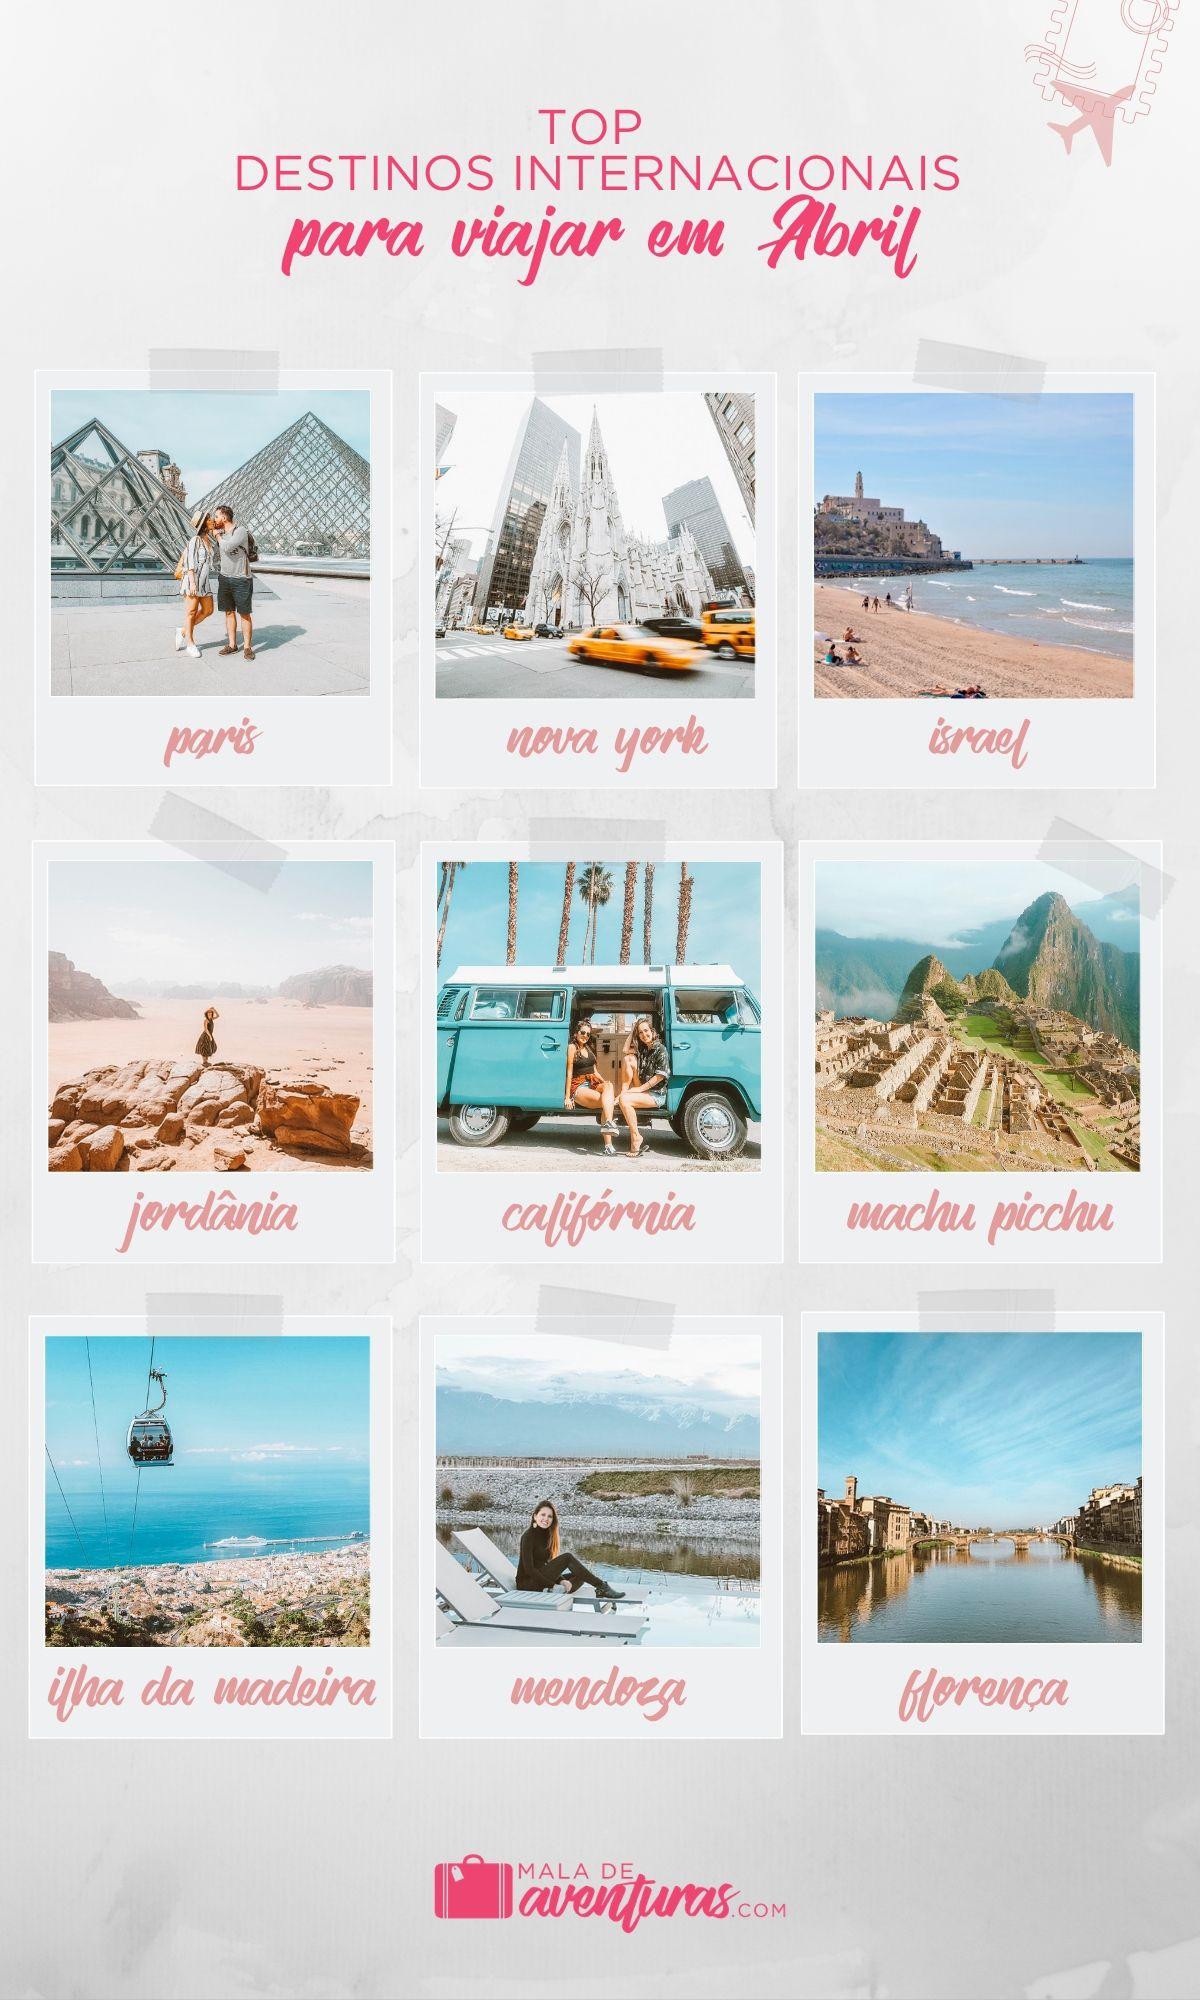 para onde viajar em abril no exterior